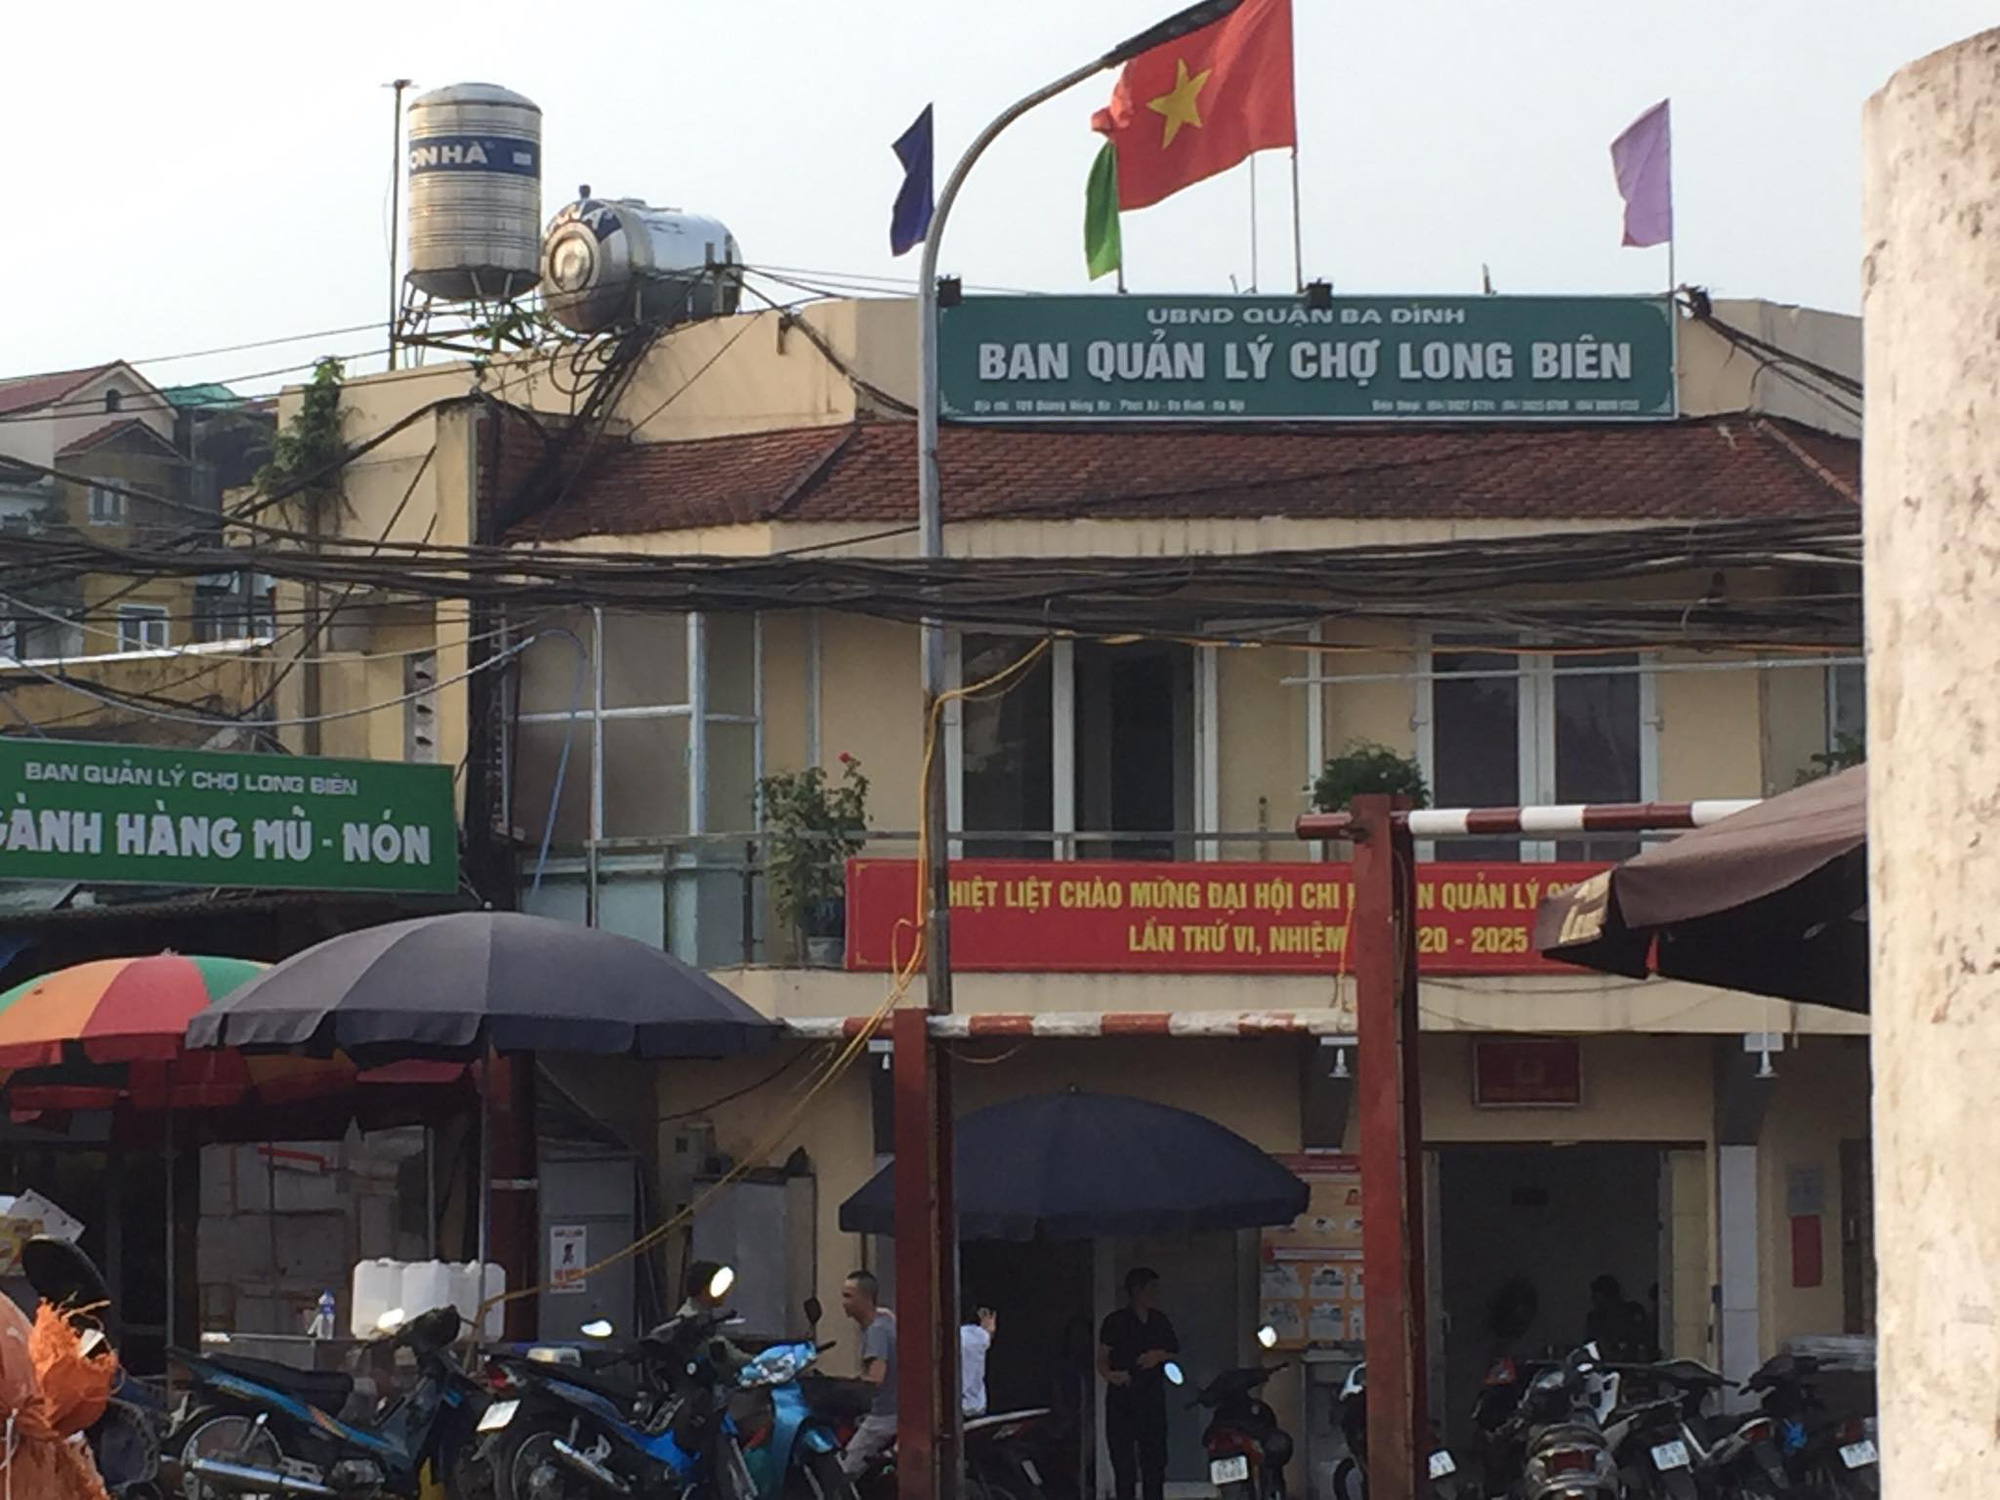 """62 ki ốt chợ Long Biên vẫn """"tồn tại"""" dù ký sai quy định - Ảnh 1."""